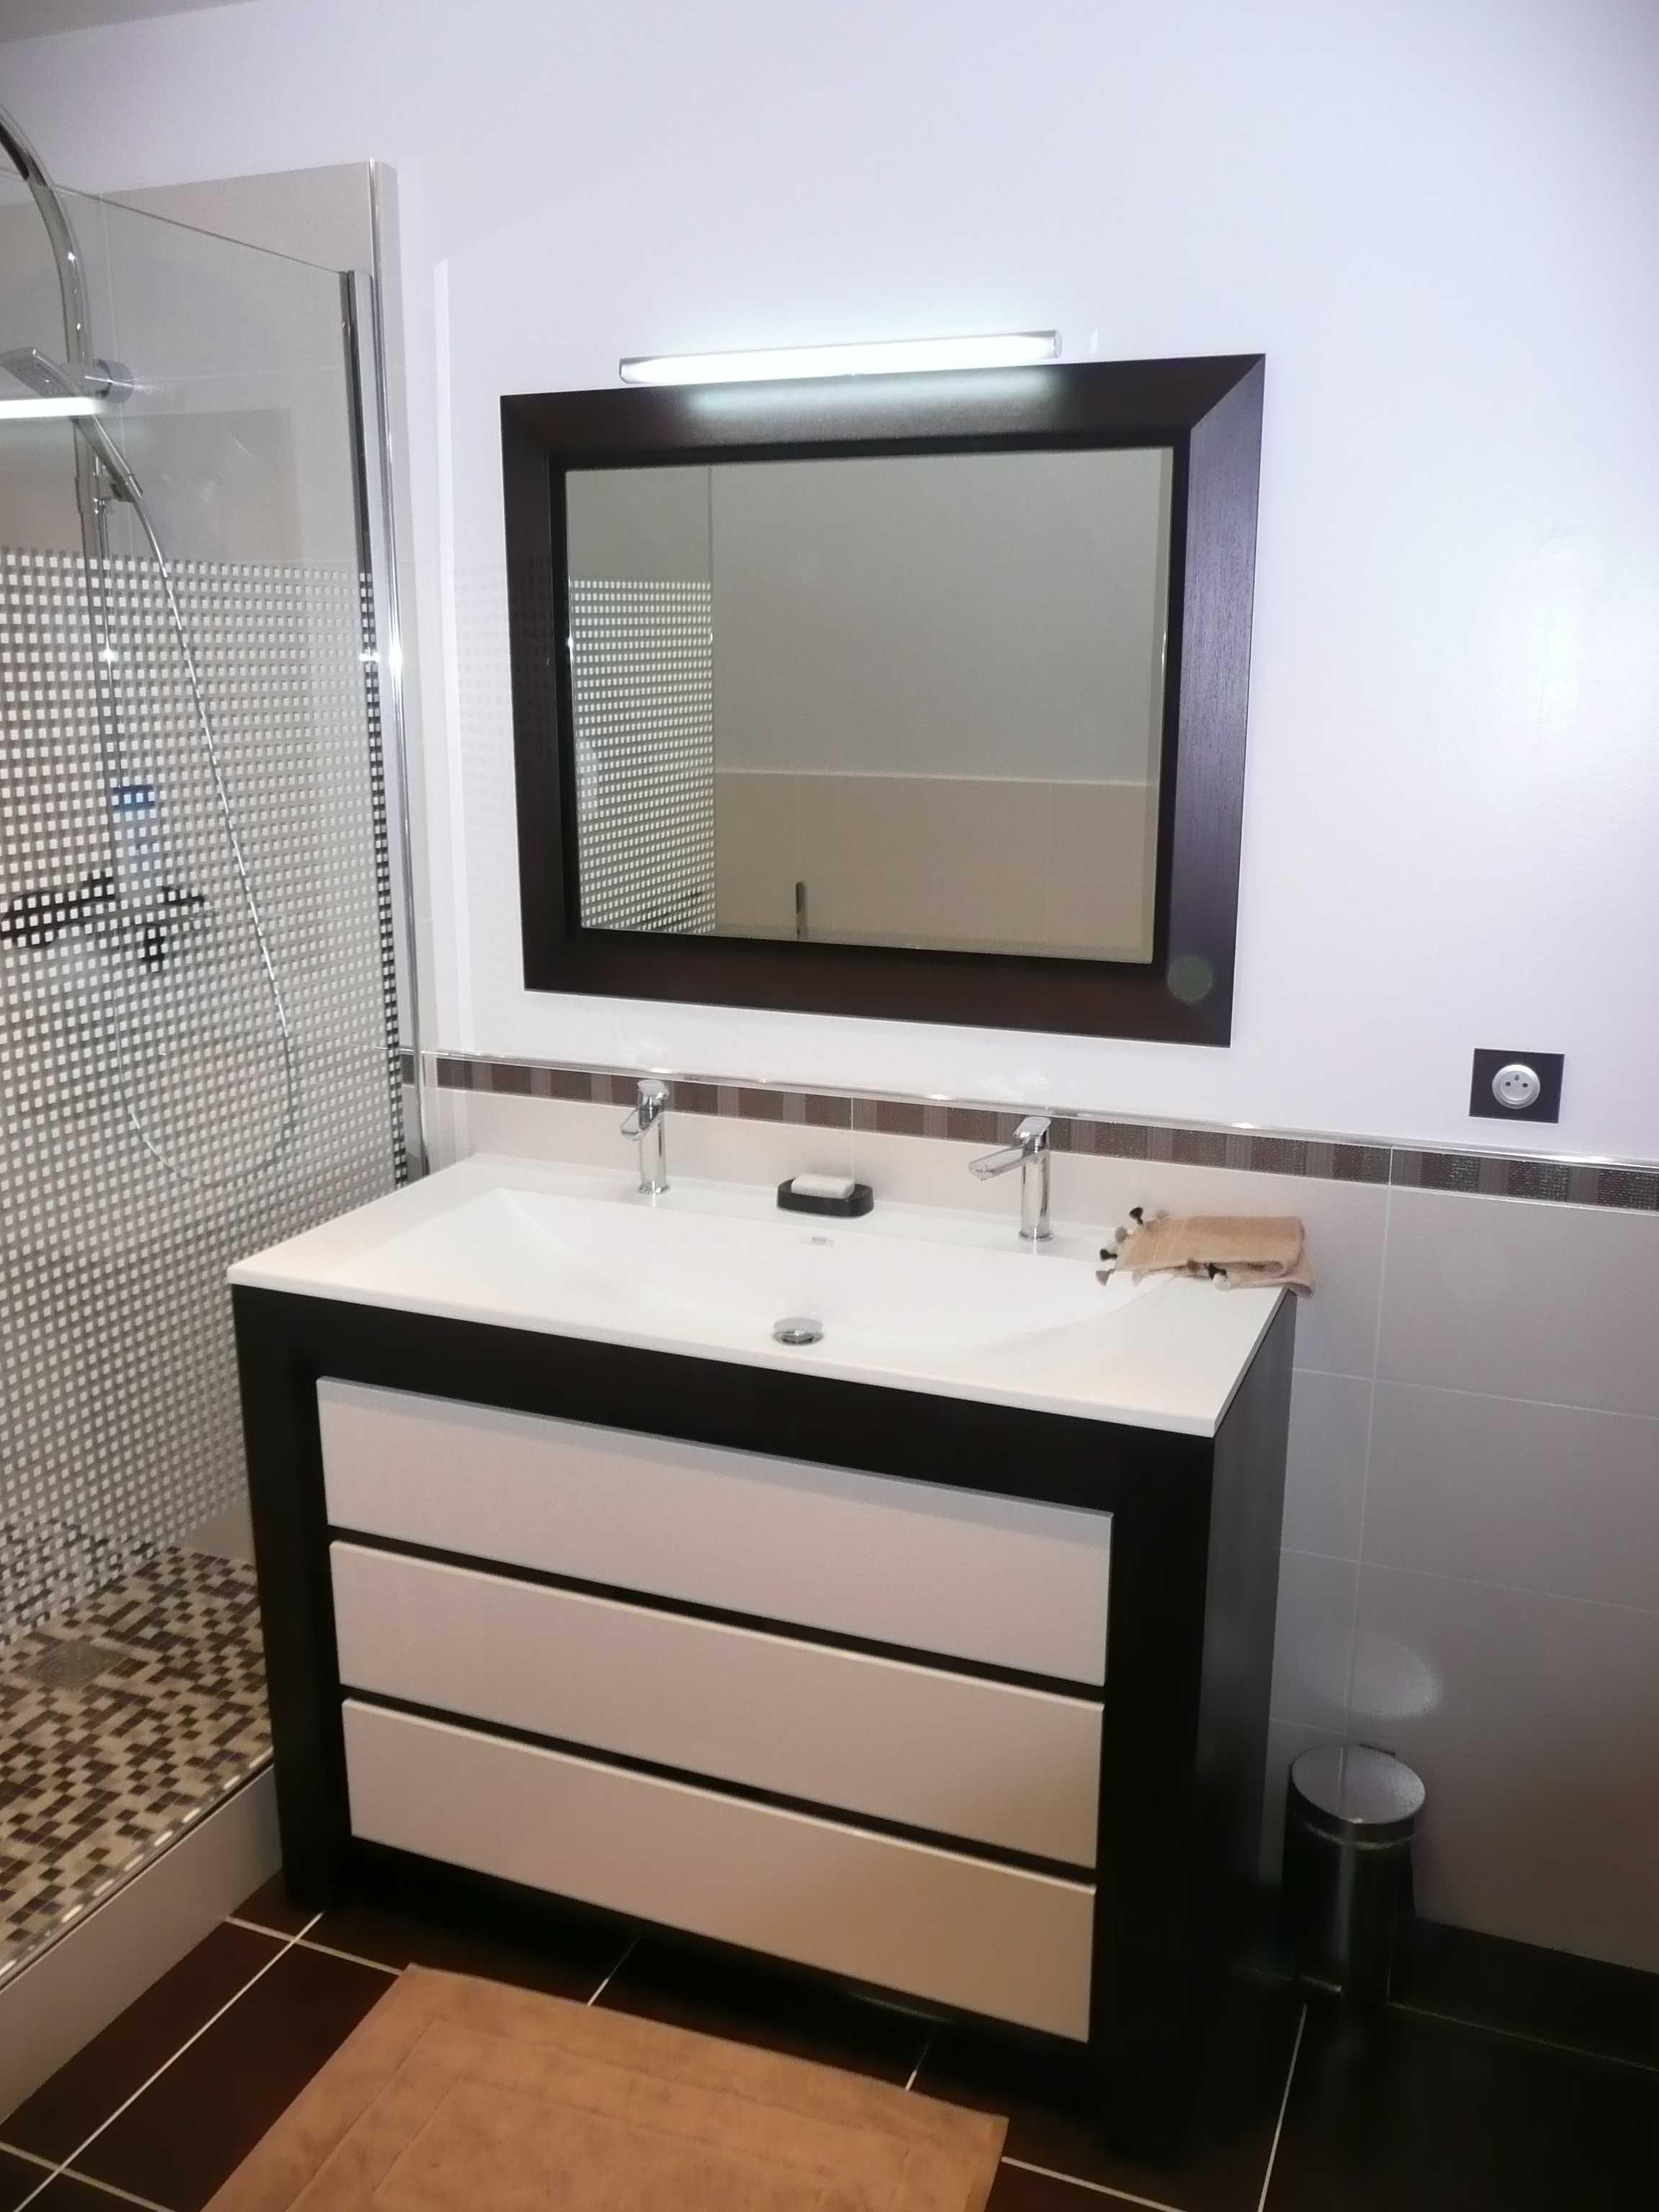 plombier chauffage sanitaires deville les rouen. Black Bedroom Furniture Sets. Home Design Ideas